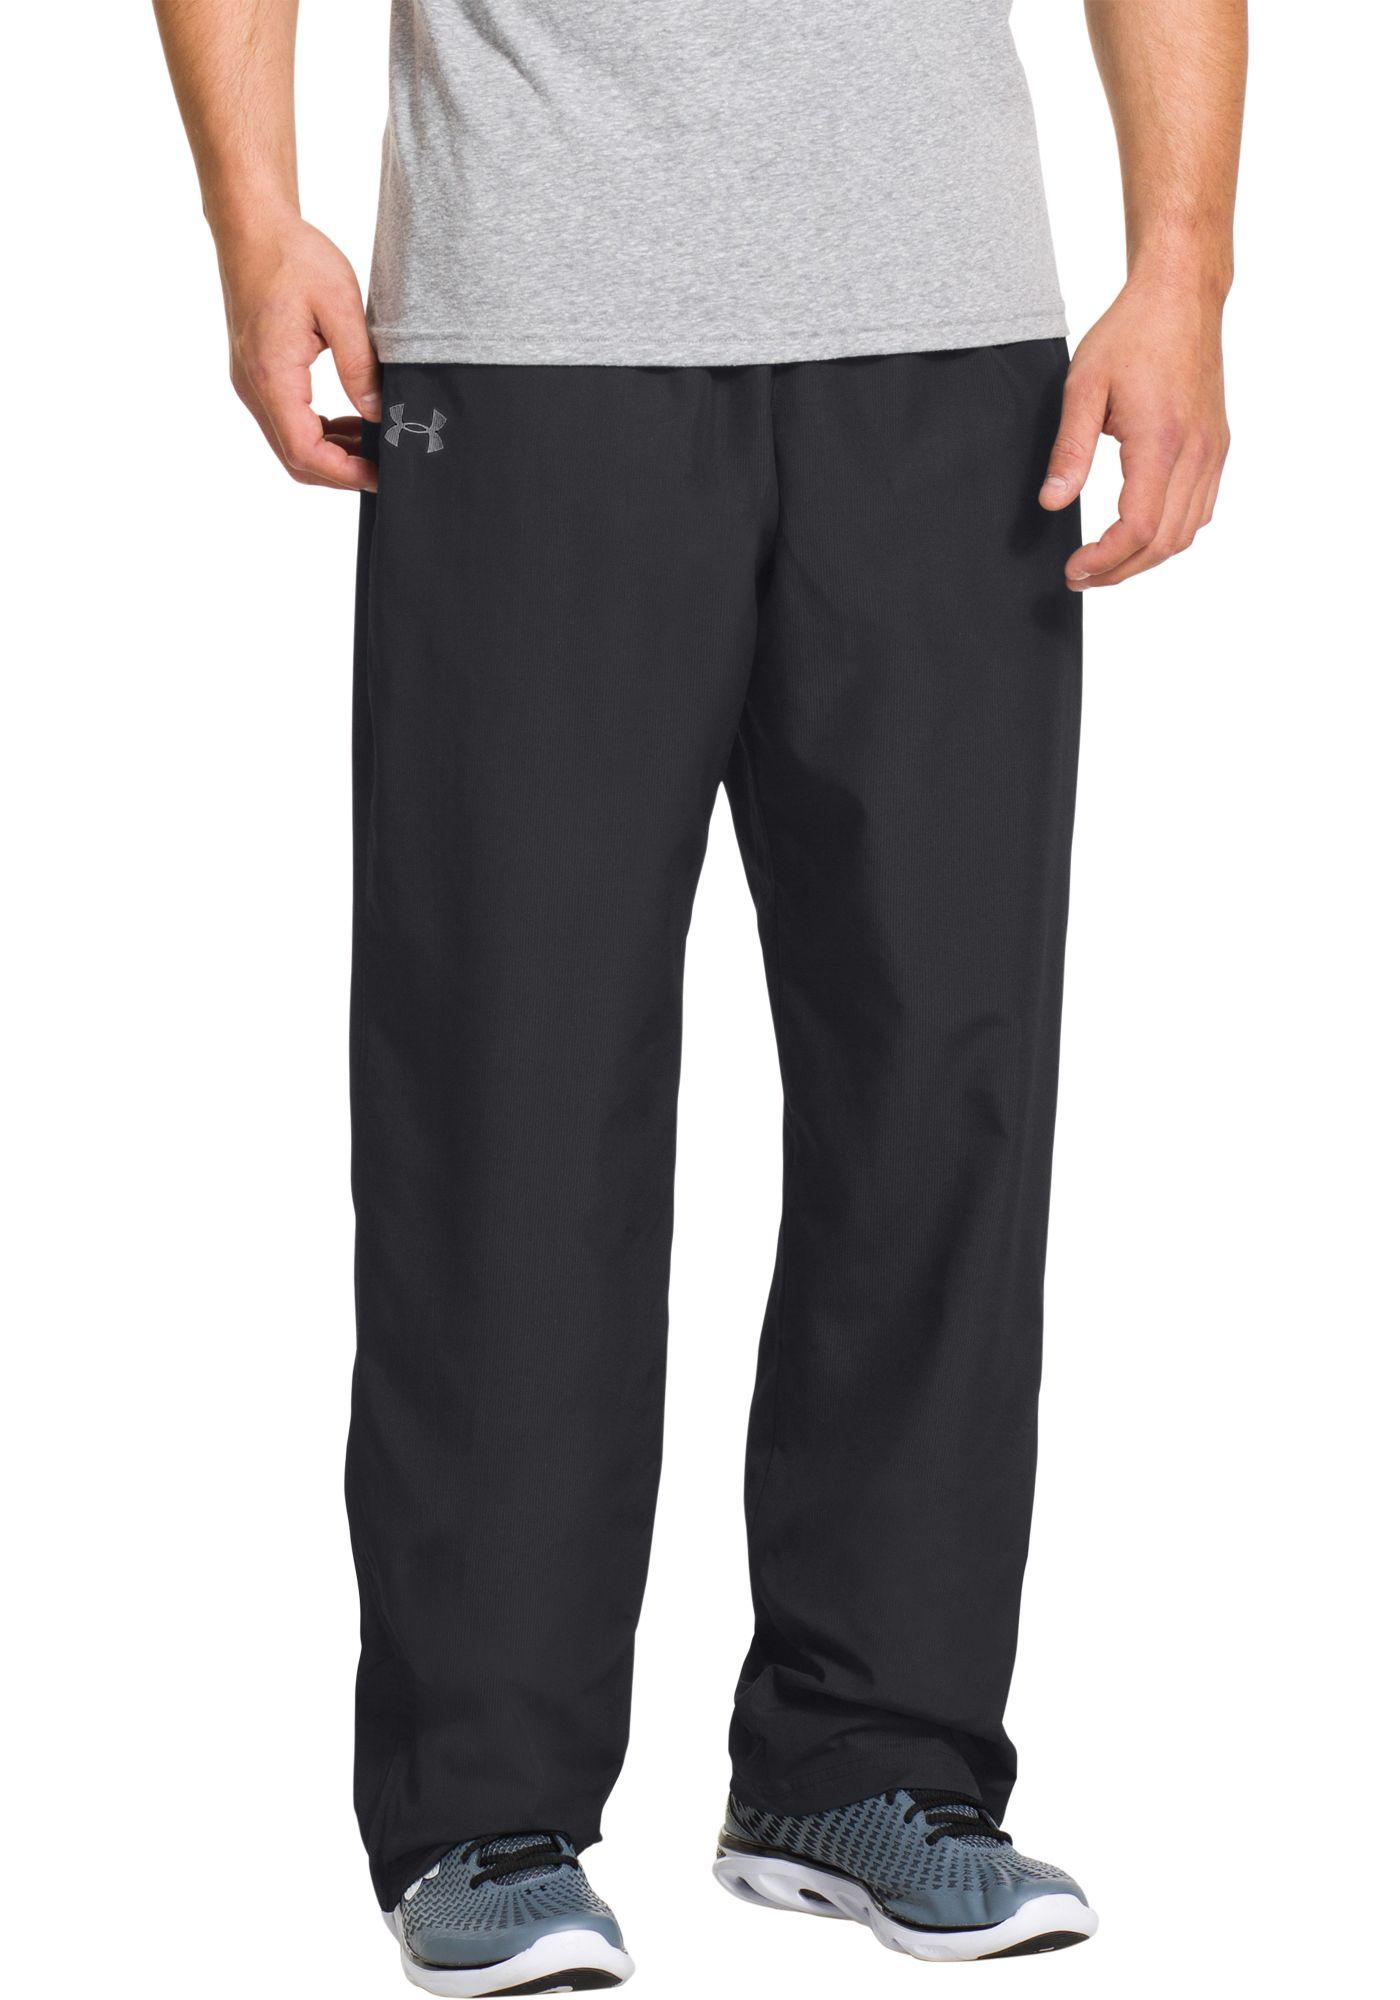 Under Armour Men's Vital Warm-Up Pants